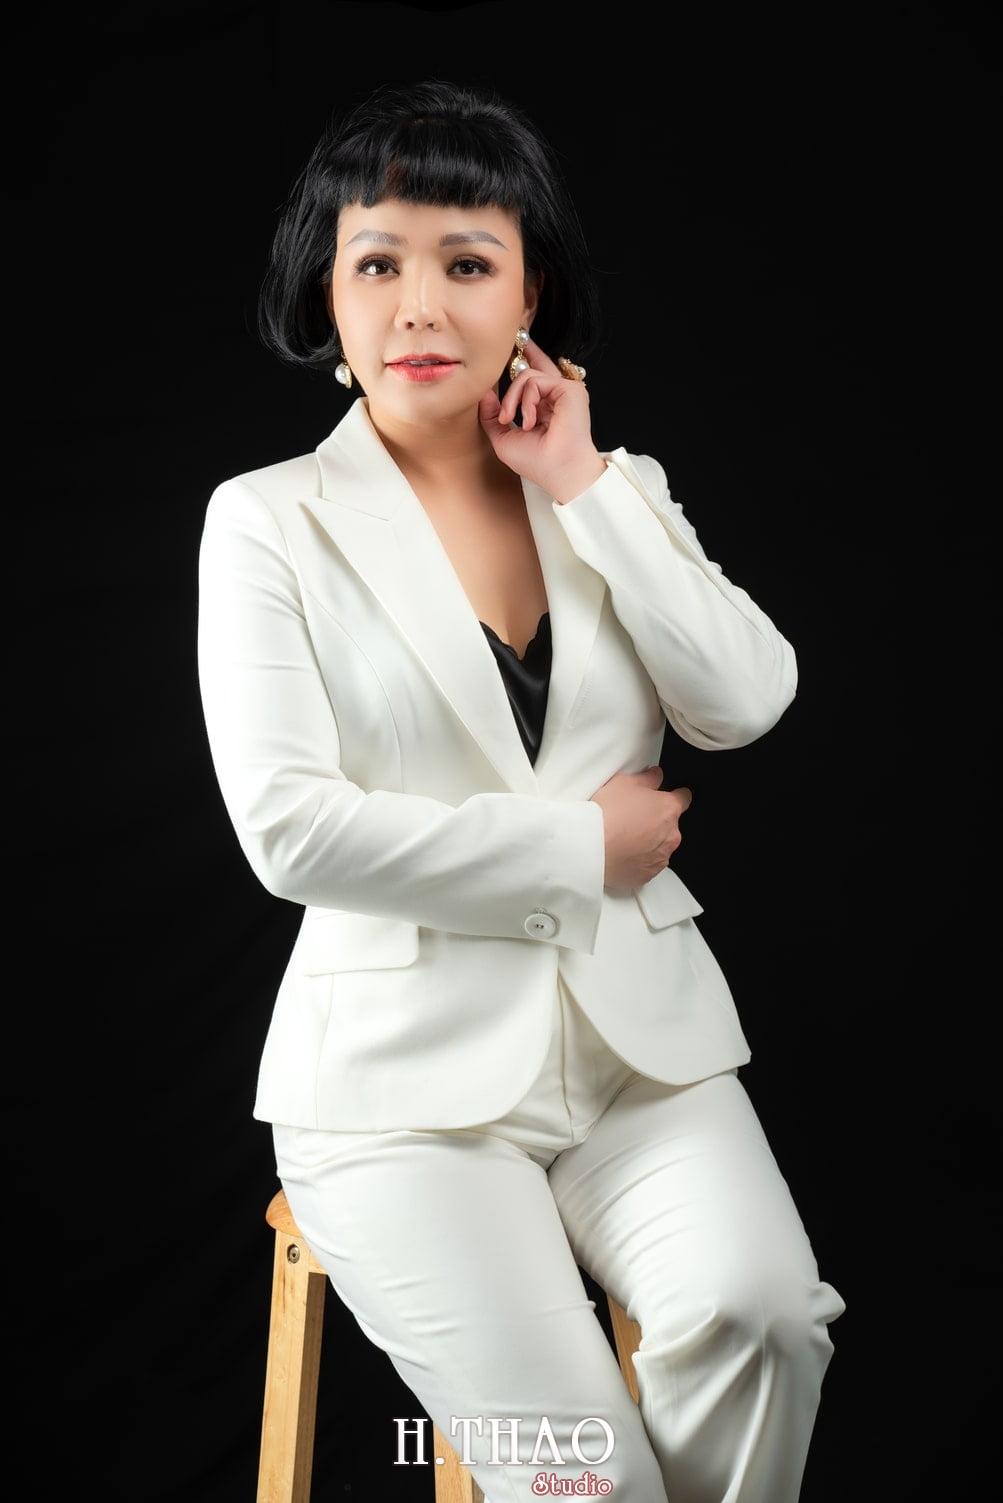 Doanh nhan dao tao 7 - Album nữ doanh nhân ngành đào tạo giải pháp Hoàng Dung